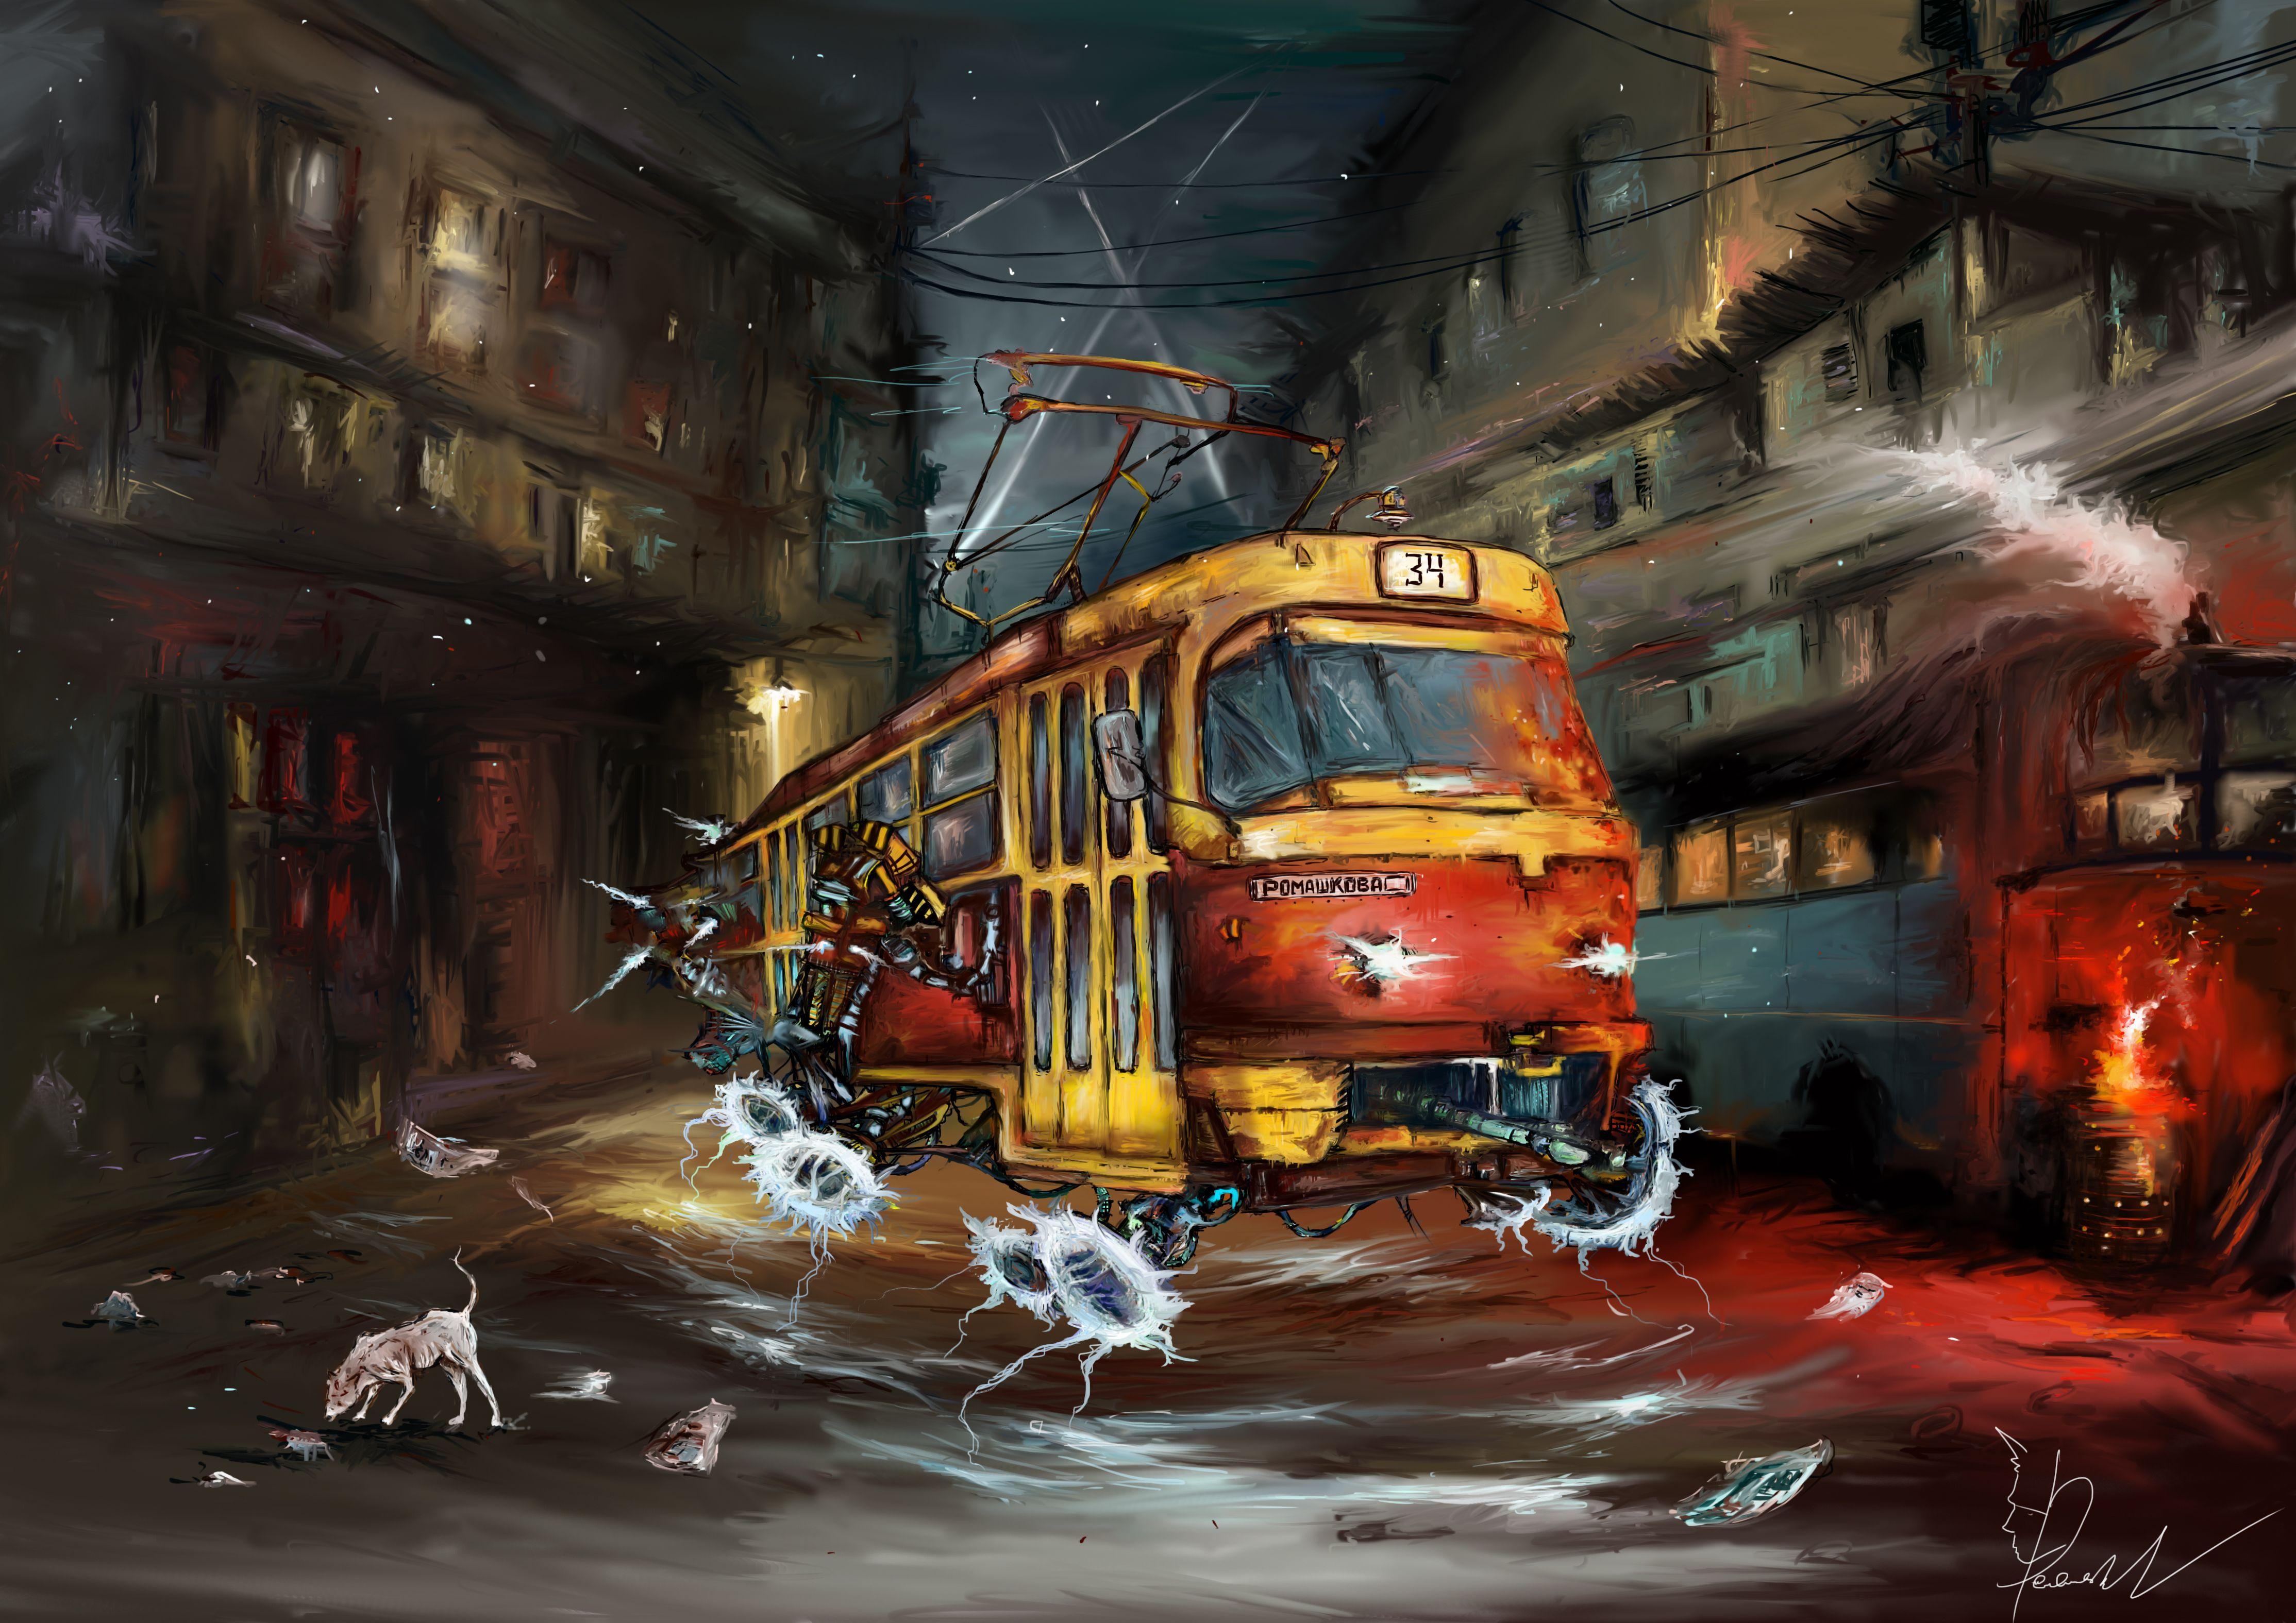 Трамвай из Ромашкова